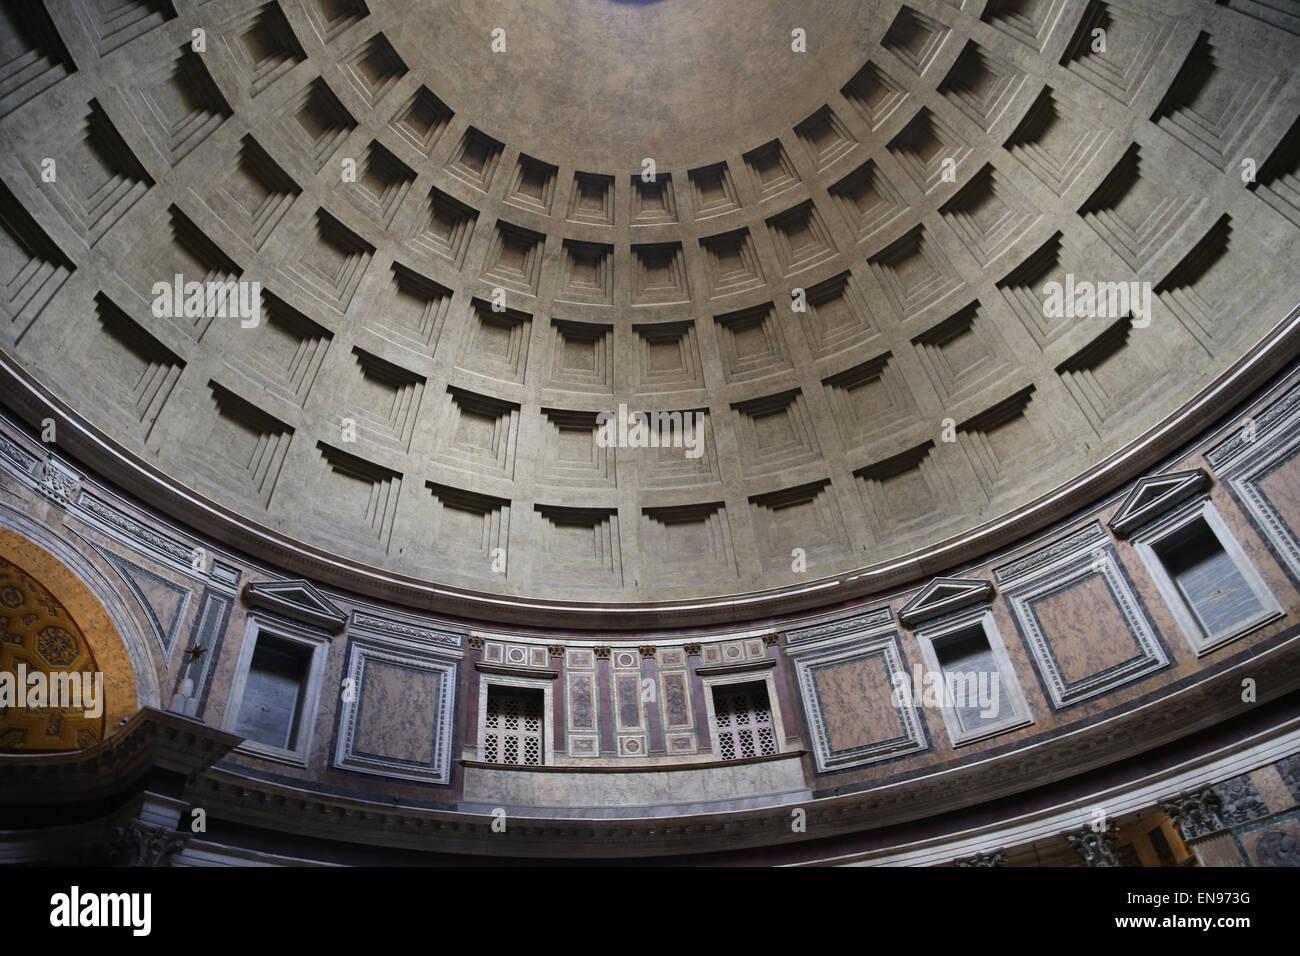 Ancient Rome Architecture Dome